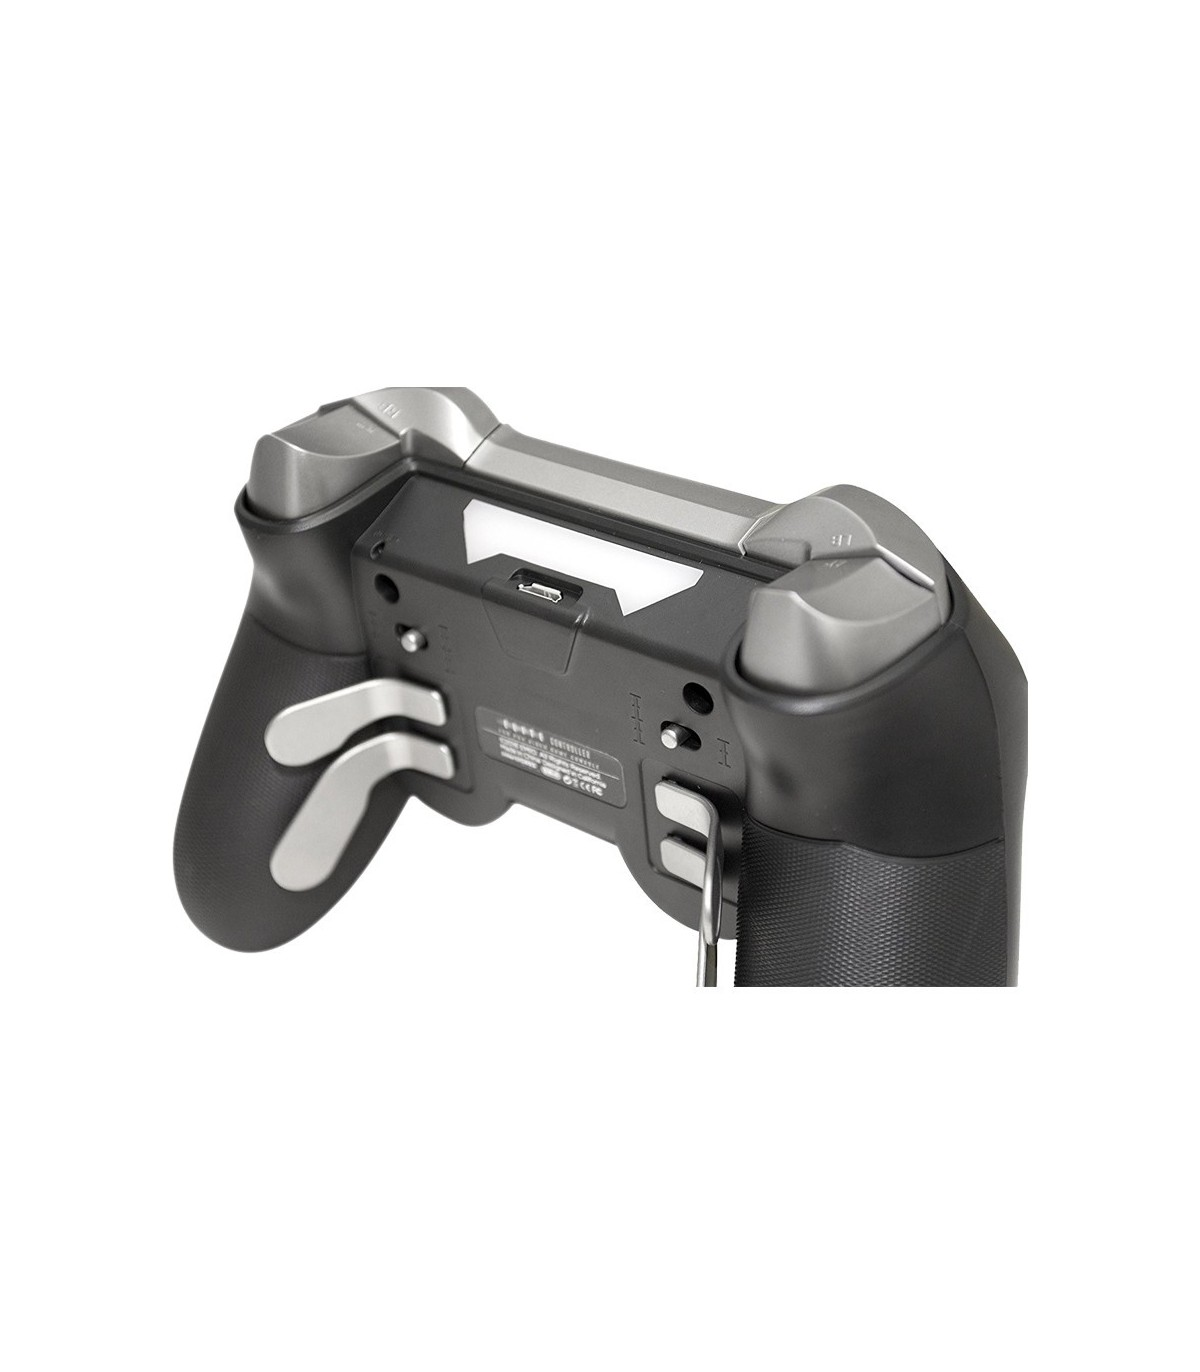 Playstation 4 Elite Controller